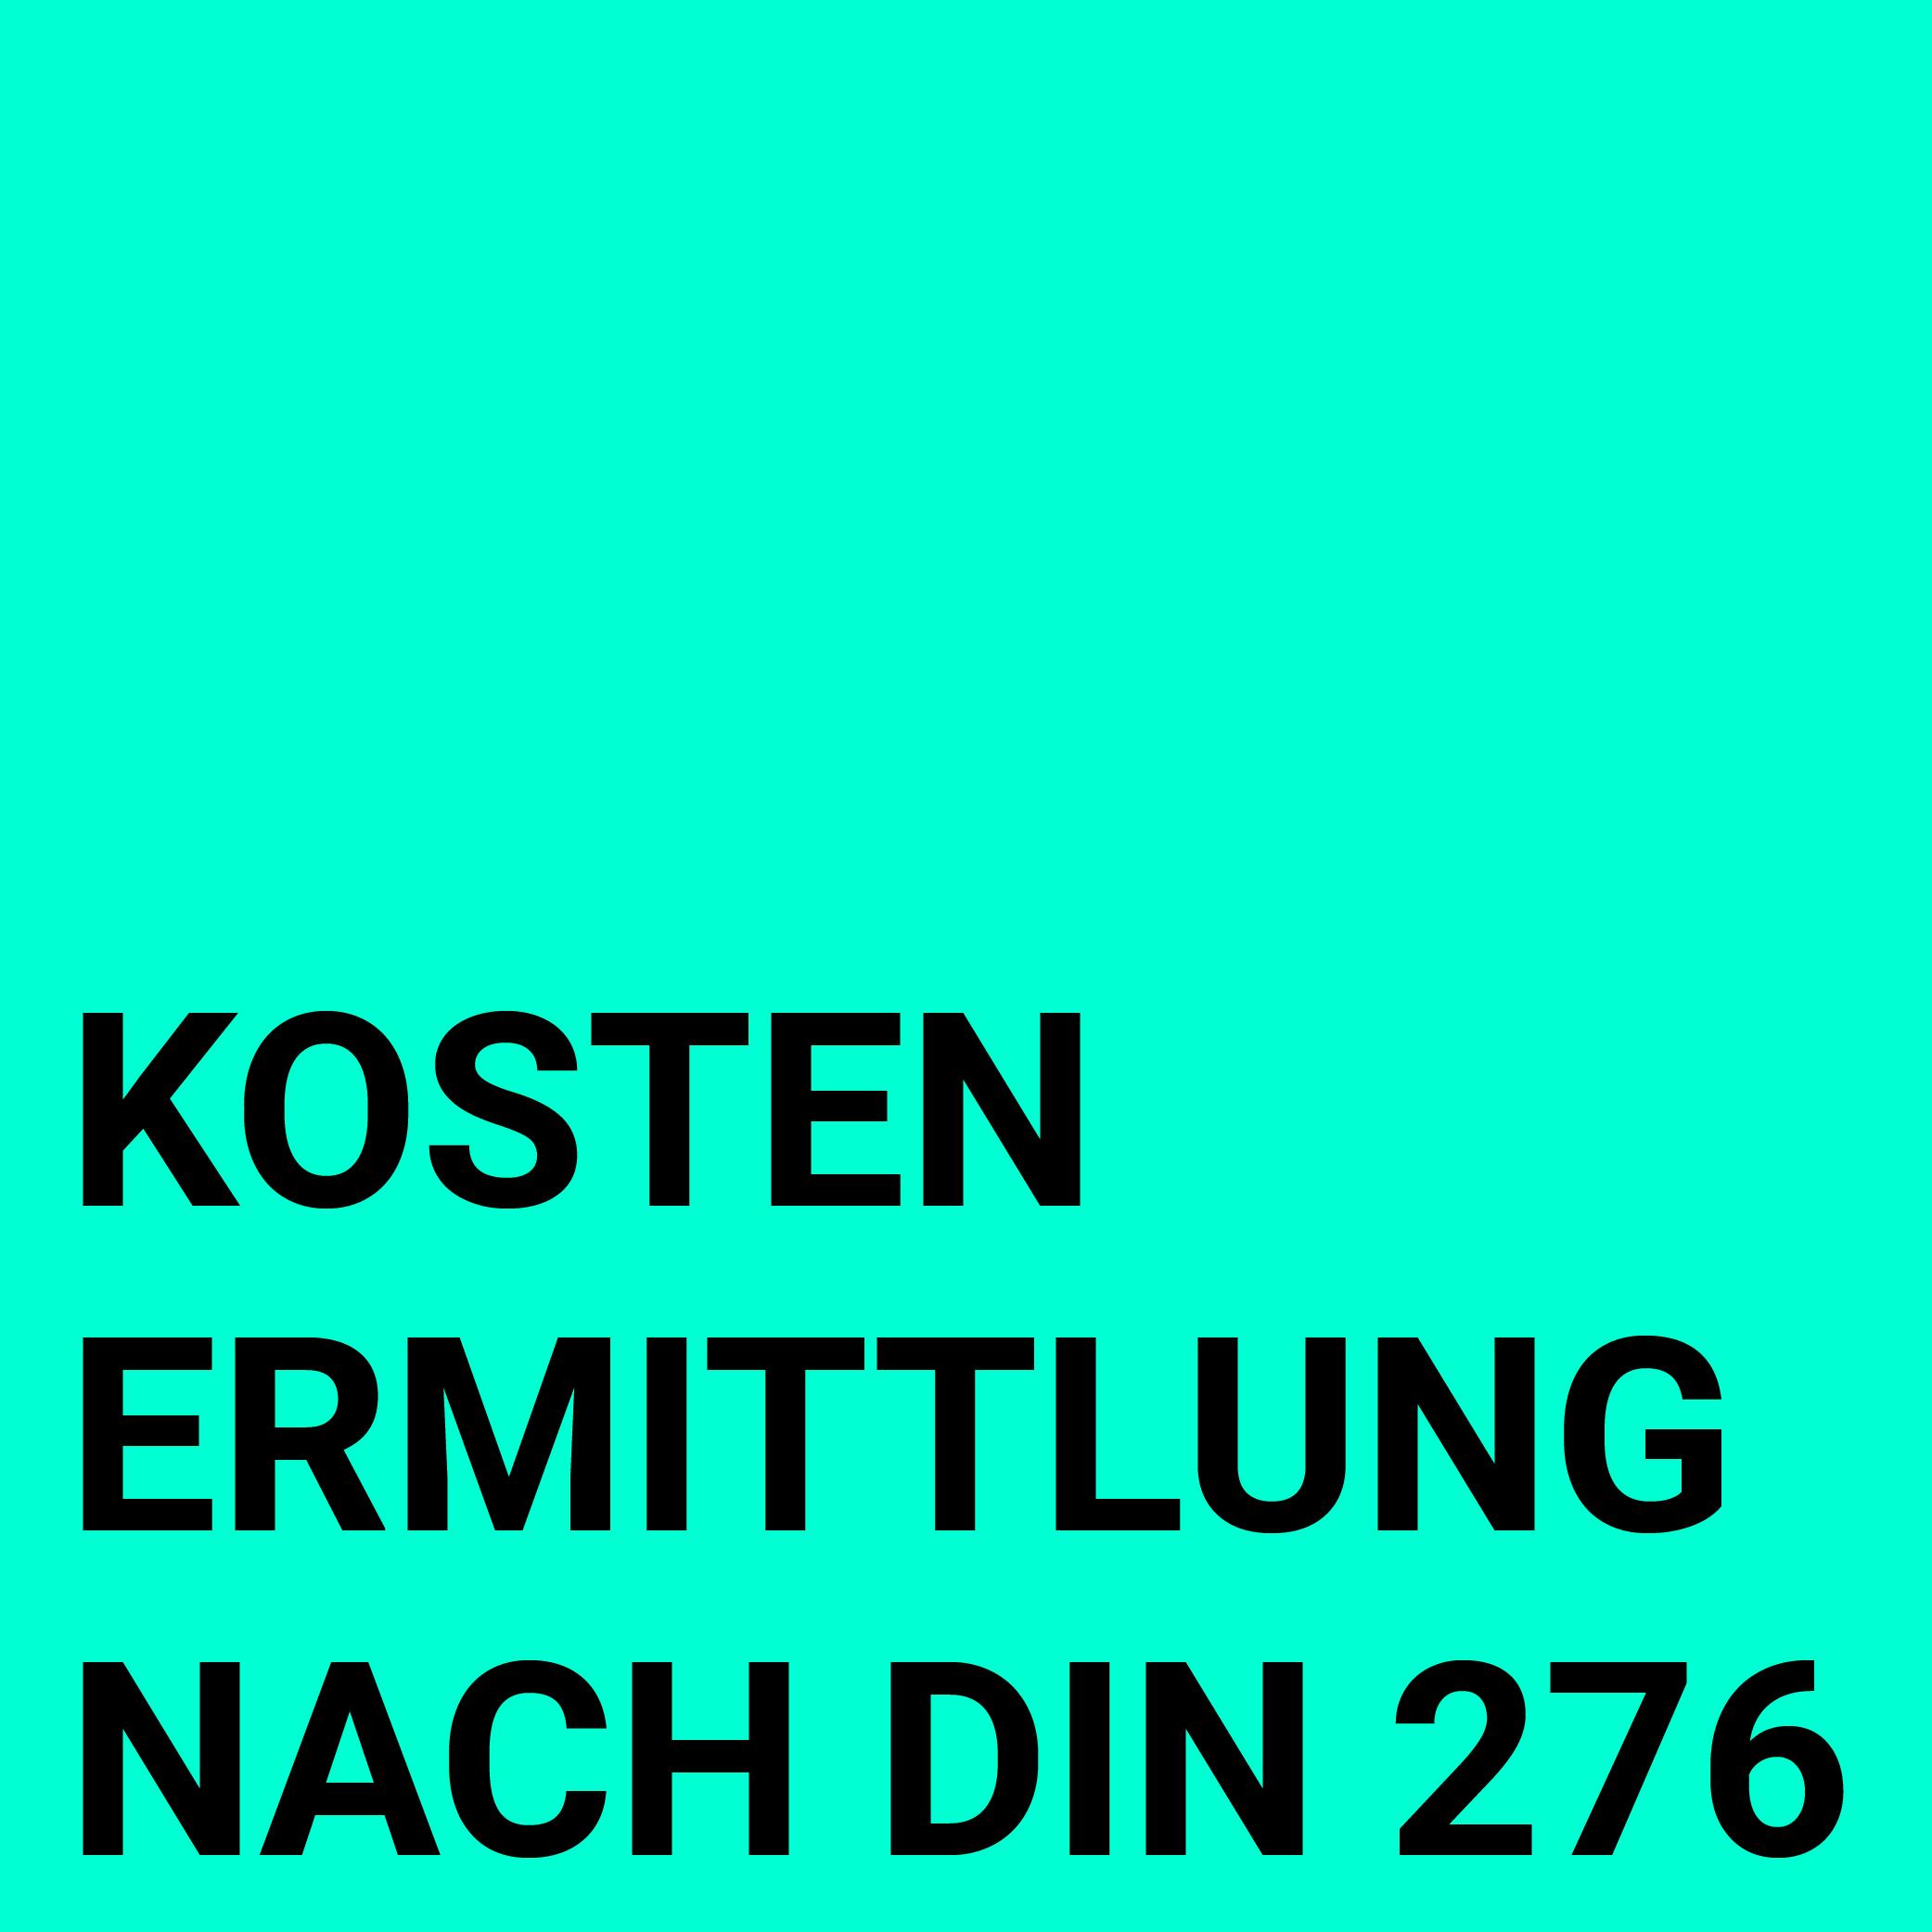 Kostenermittlung nach DIN 276